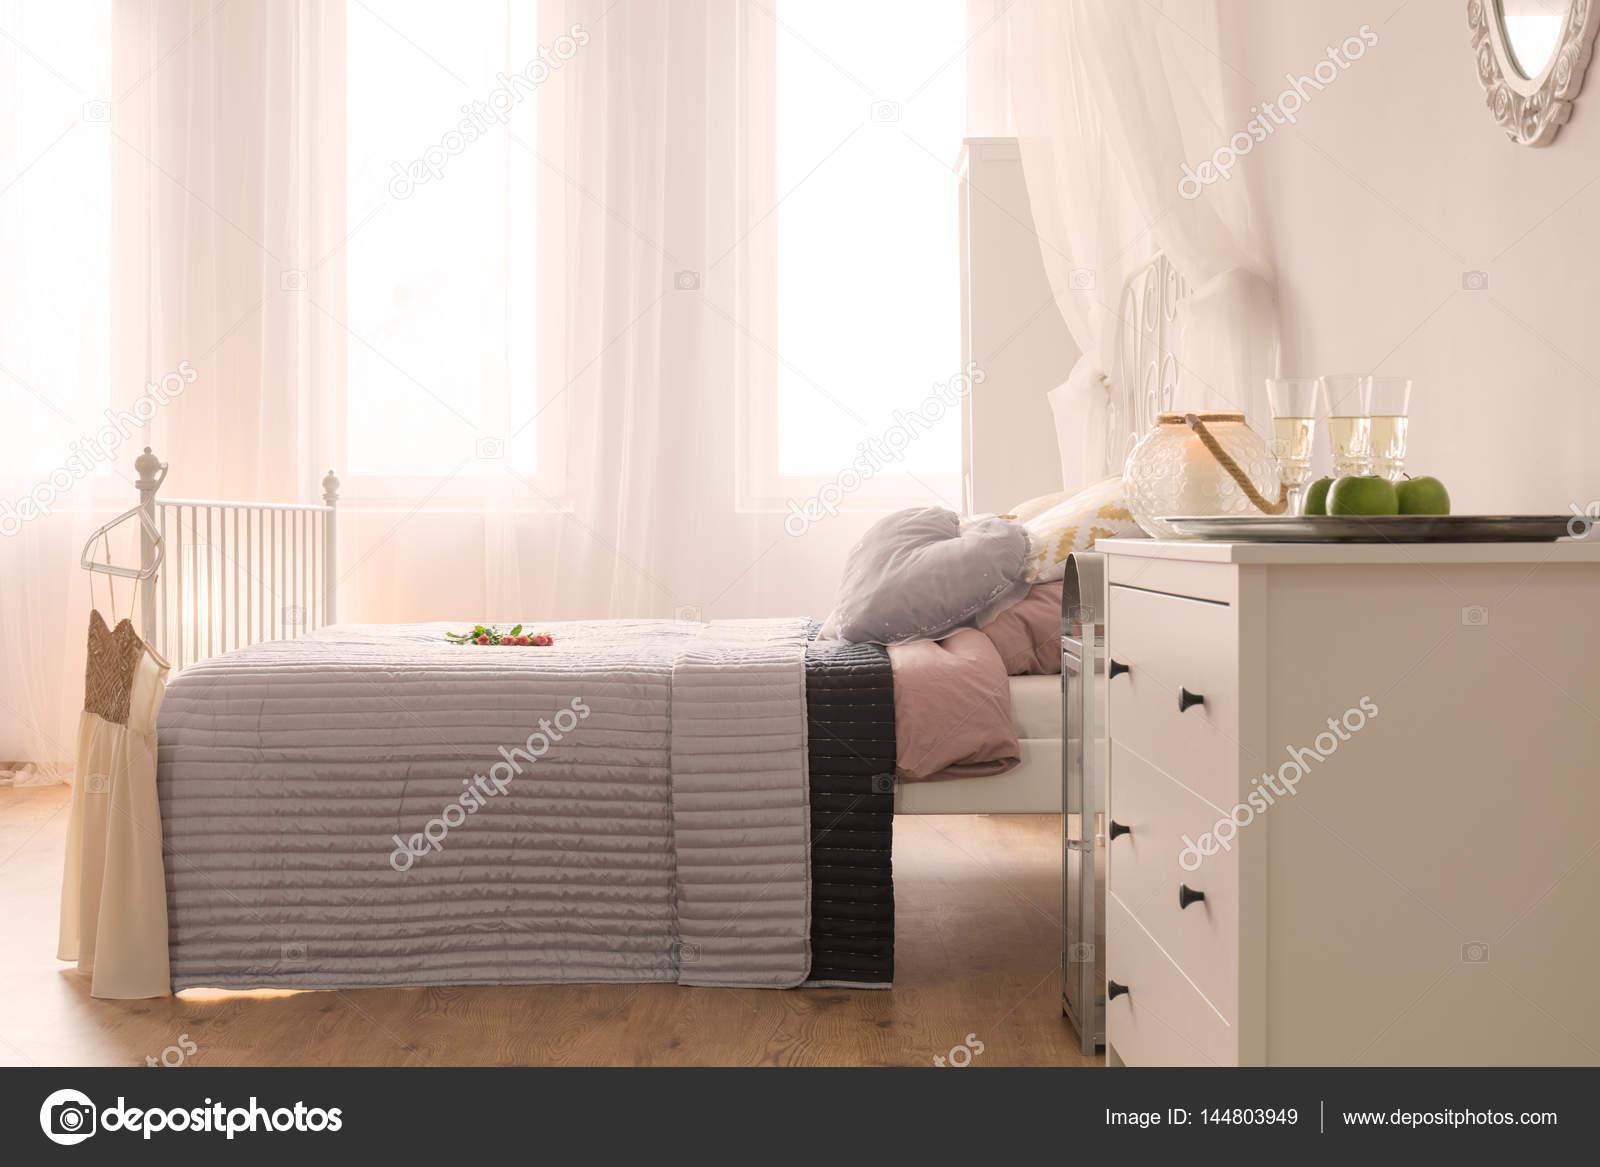 Dressoir Voor Slaapkamer : Slaapkamer met bed en dressoir u stockfoto photographee eu